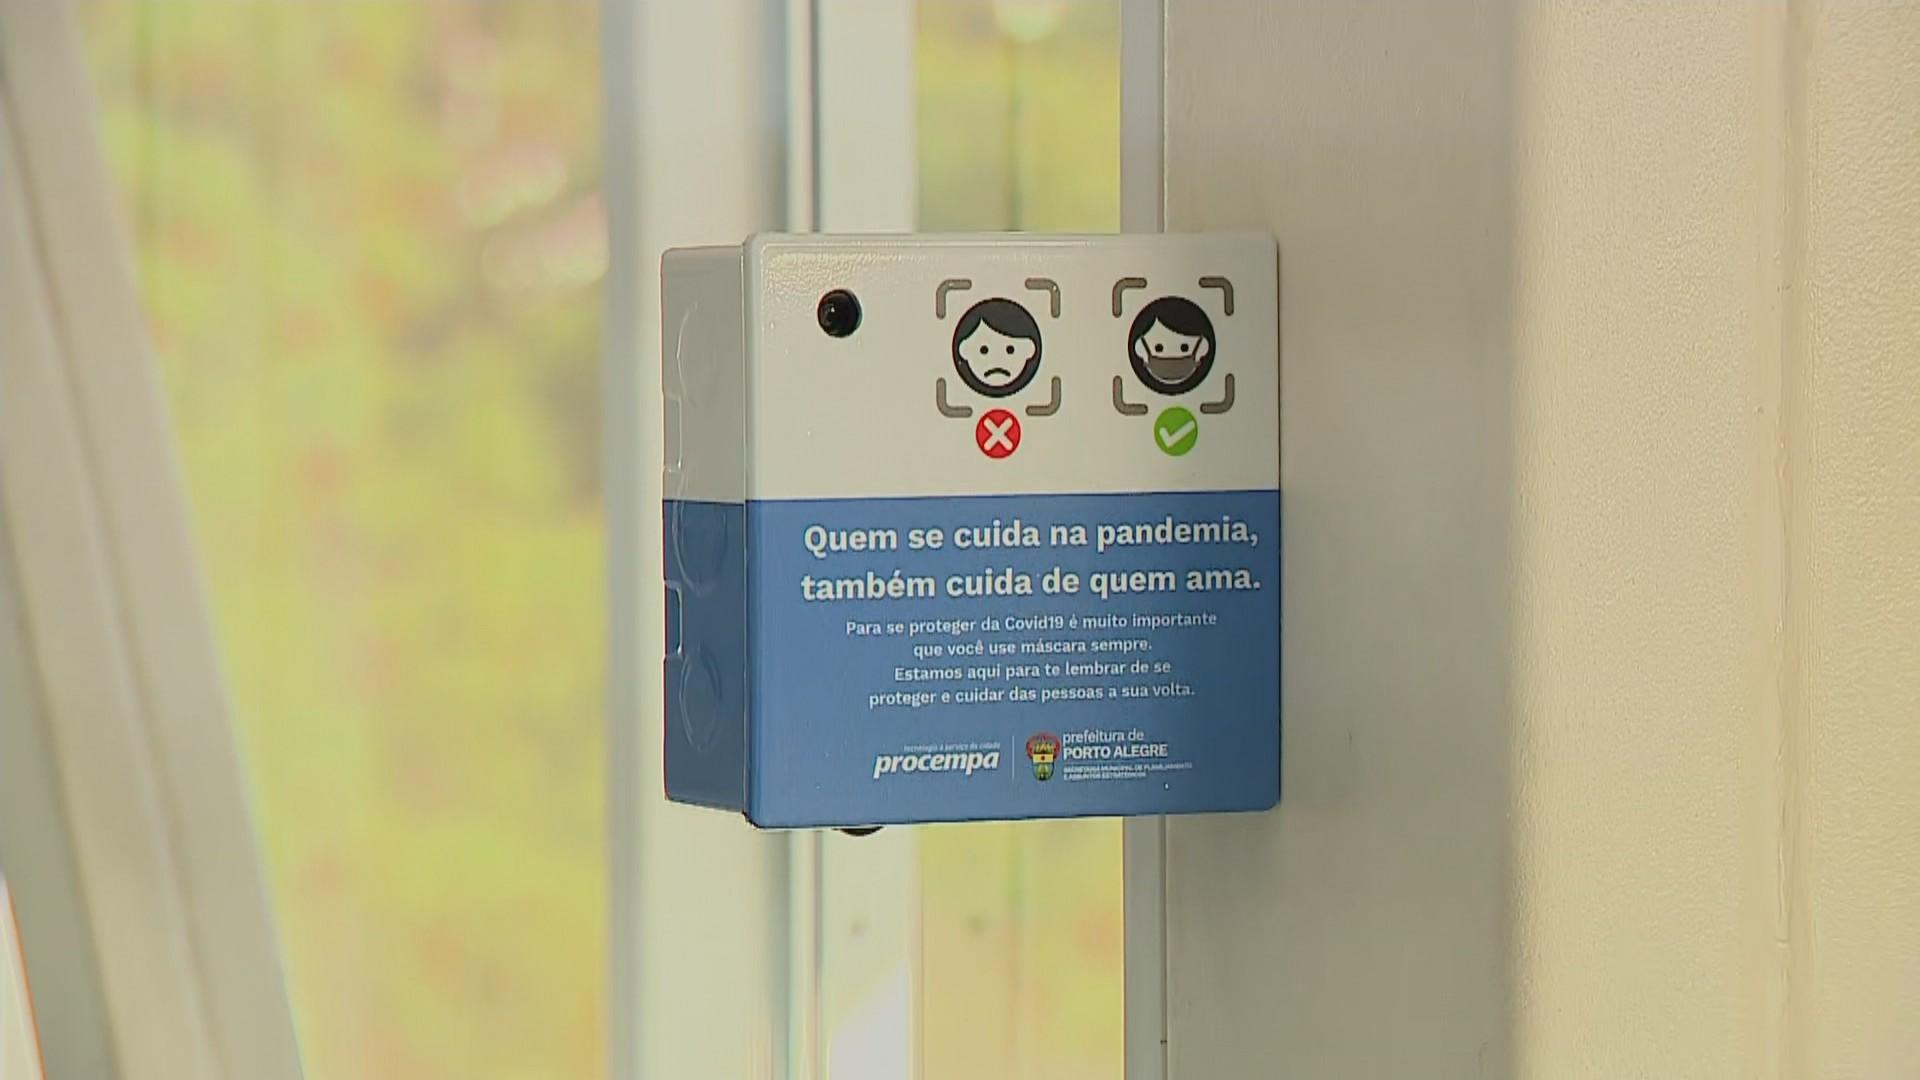 Dispositivo para detectar pessoas sem máscara é testado em escola de Porto Alegre